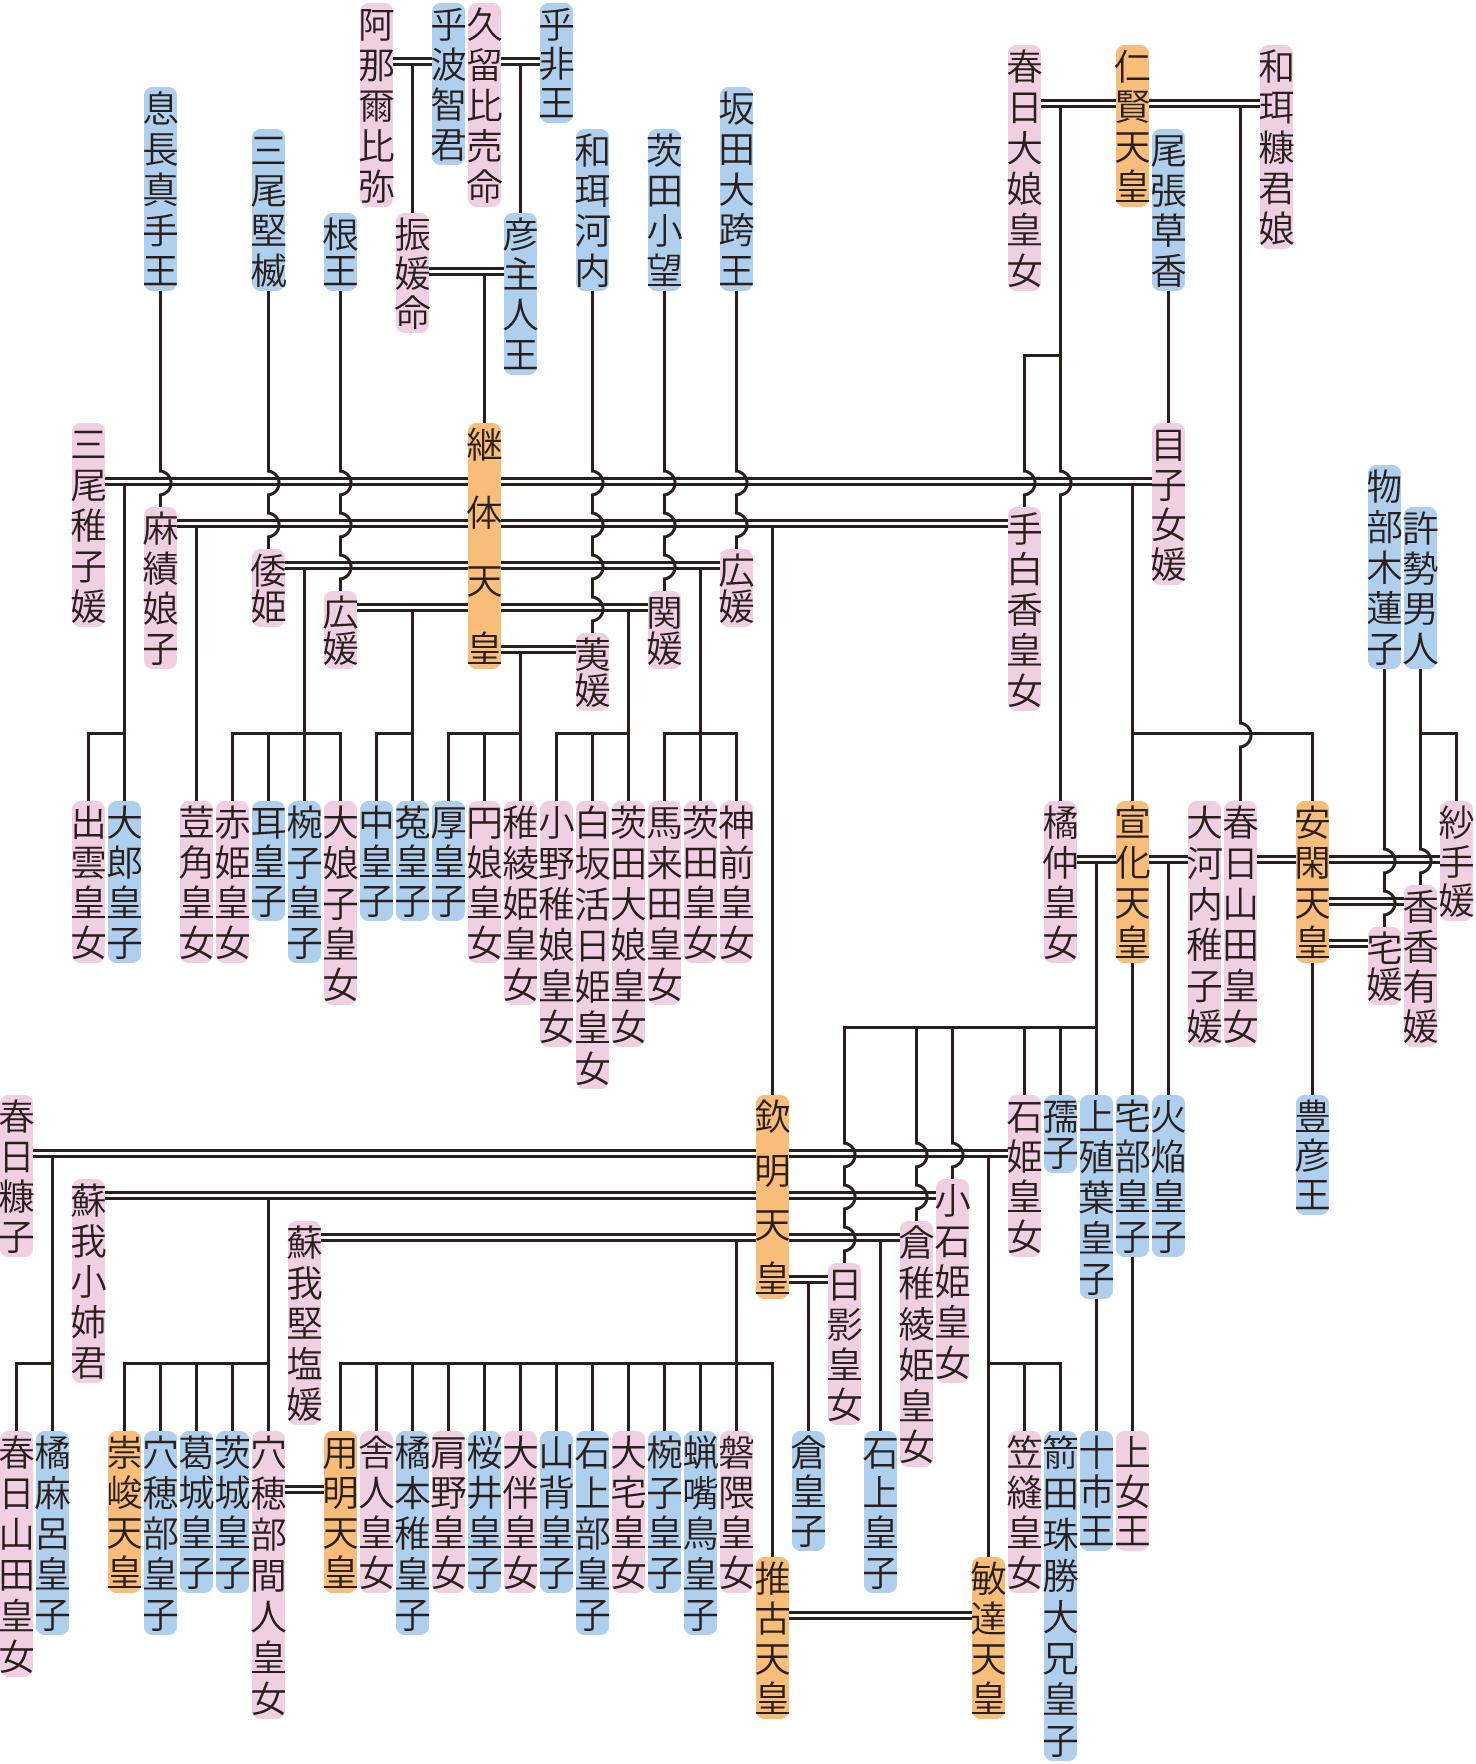 継体天皇~宣化天皇の系図